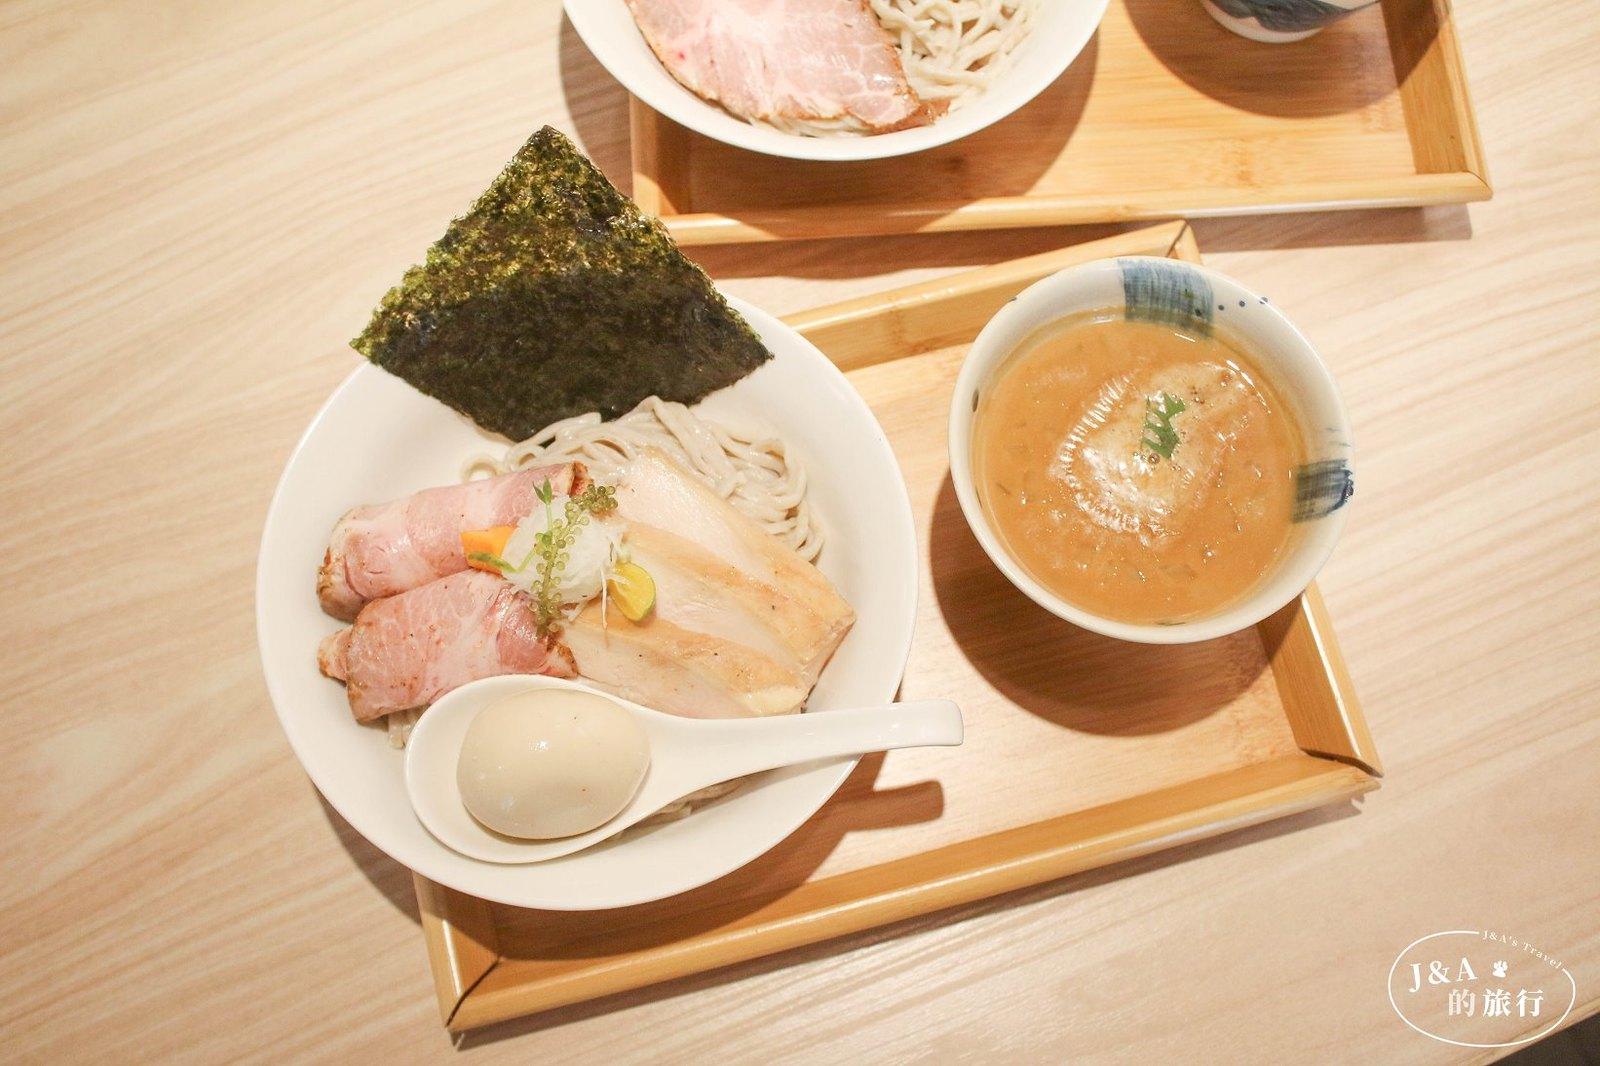 最新推播訊息:用餐尖峰時段容易排隊的日式沾麵店!